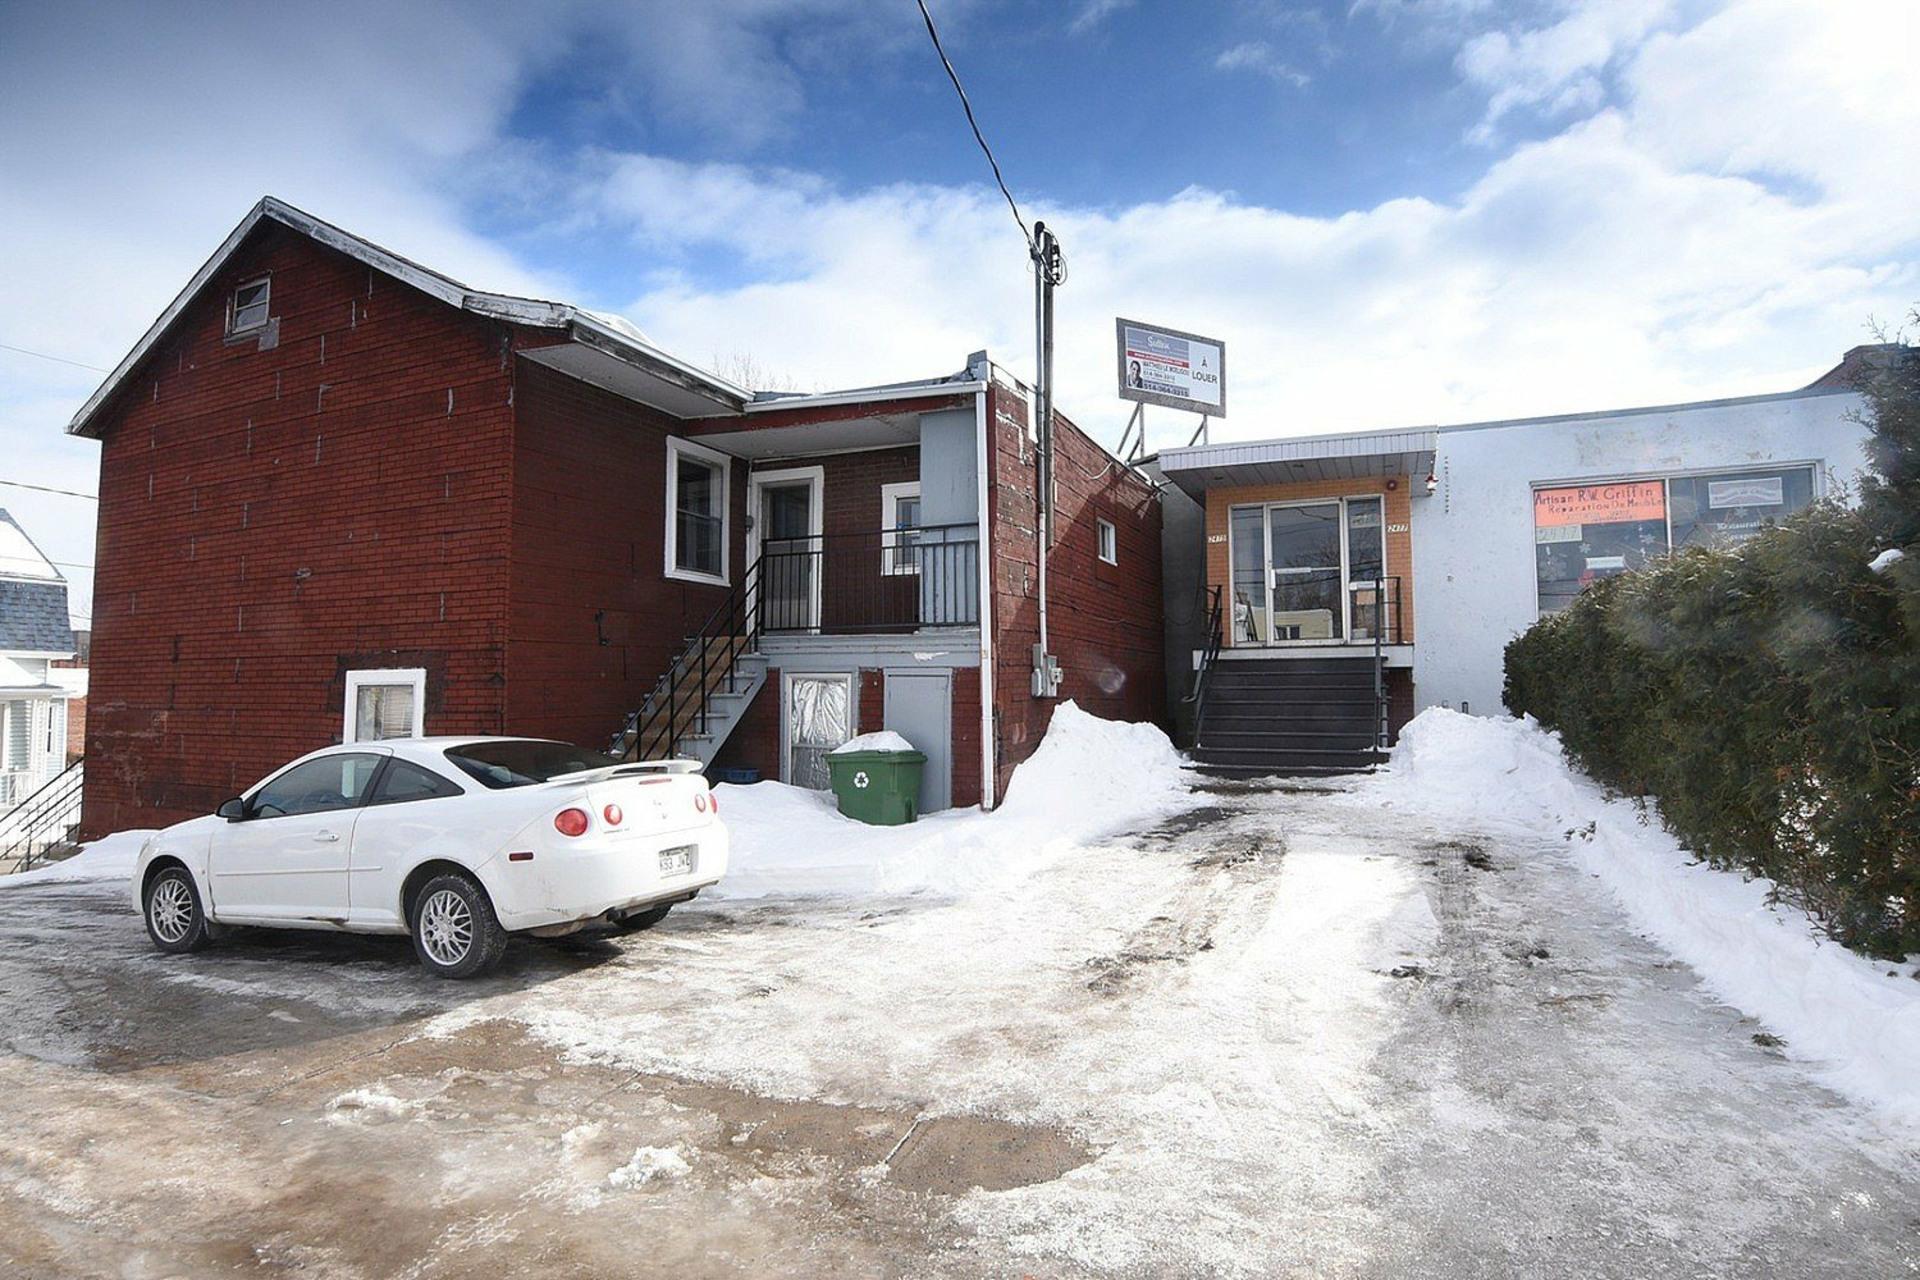 image 7 - Immeuble à revenus À vendre Montréal Lachine  - 4 pièces